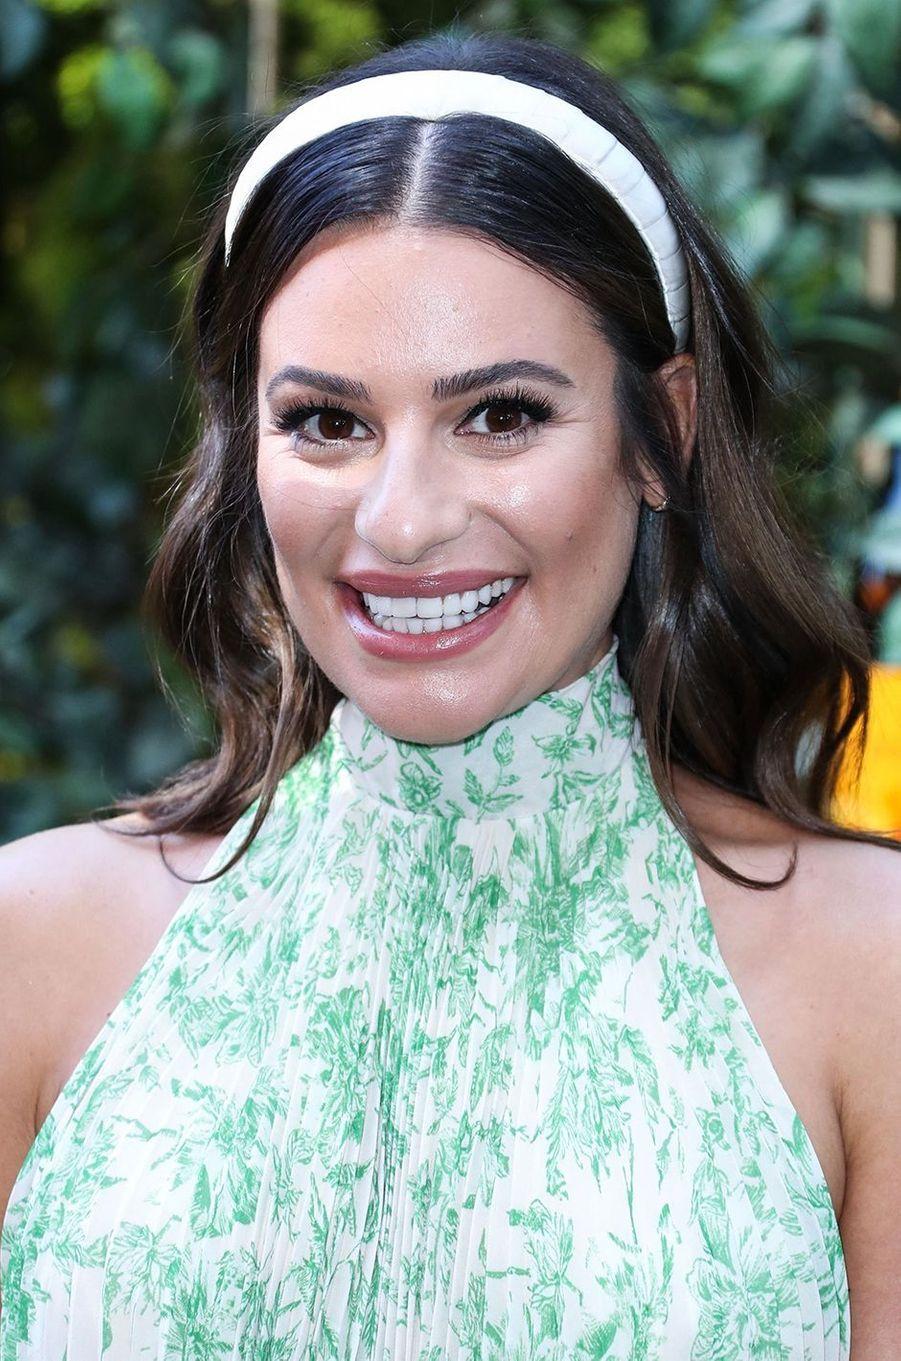 Tendances monde : Lea Michele est 7e dans le Top 10 des acteurs les plus recherchés sur Google en 2020